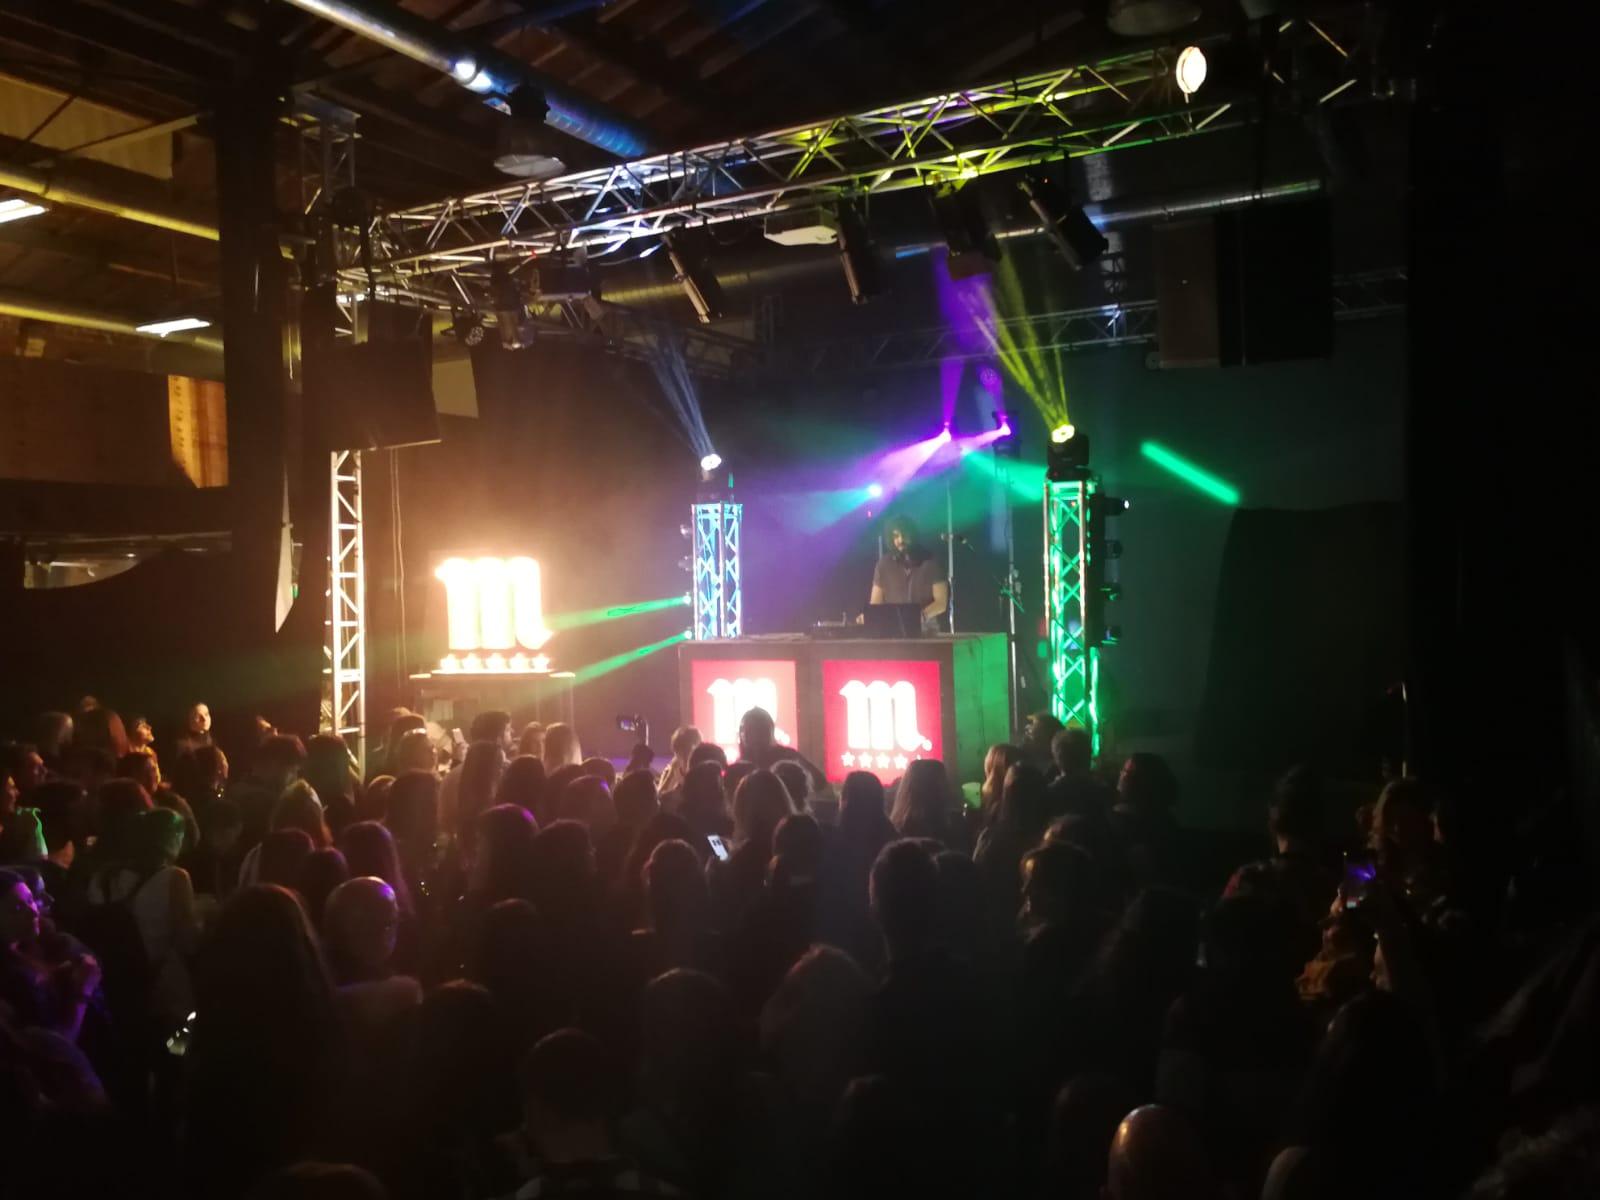 Mikel Izal muestra su versión DJ en León